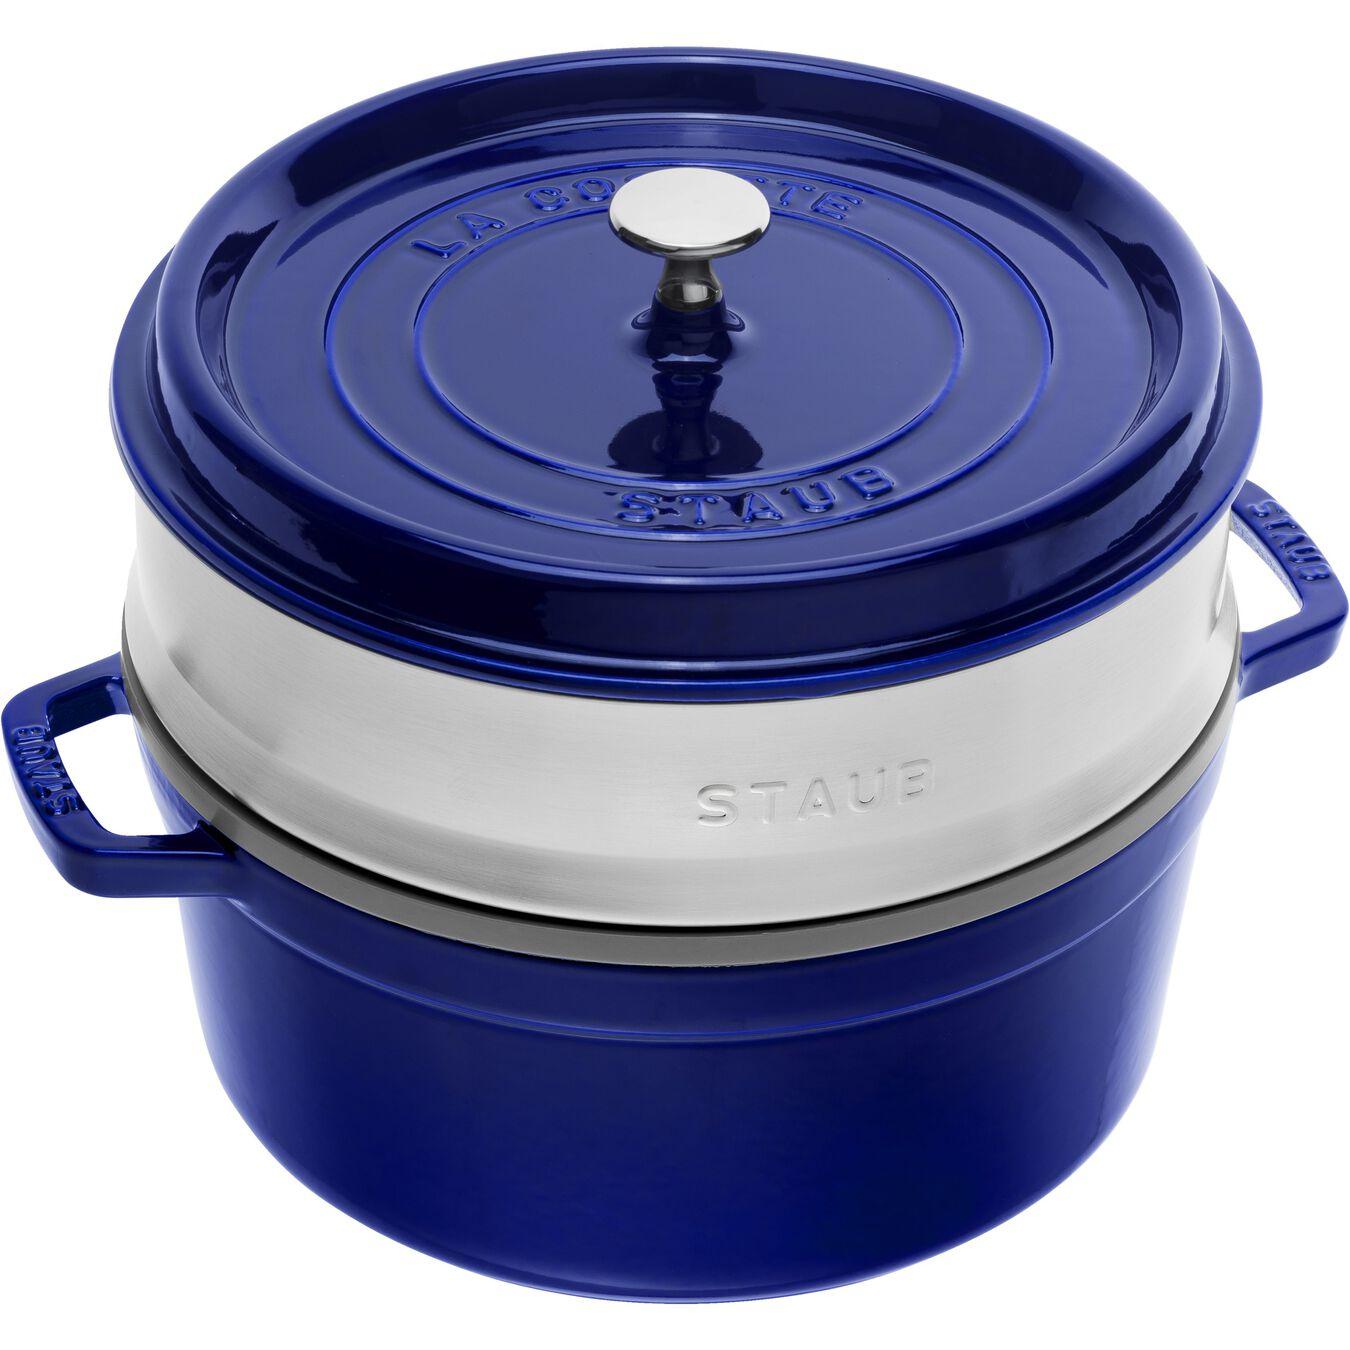 Cocotte avec panier vapeur 26 cm, Rond(e), Bleu intense, Fonte,,large 1